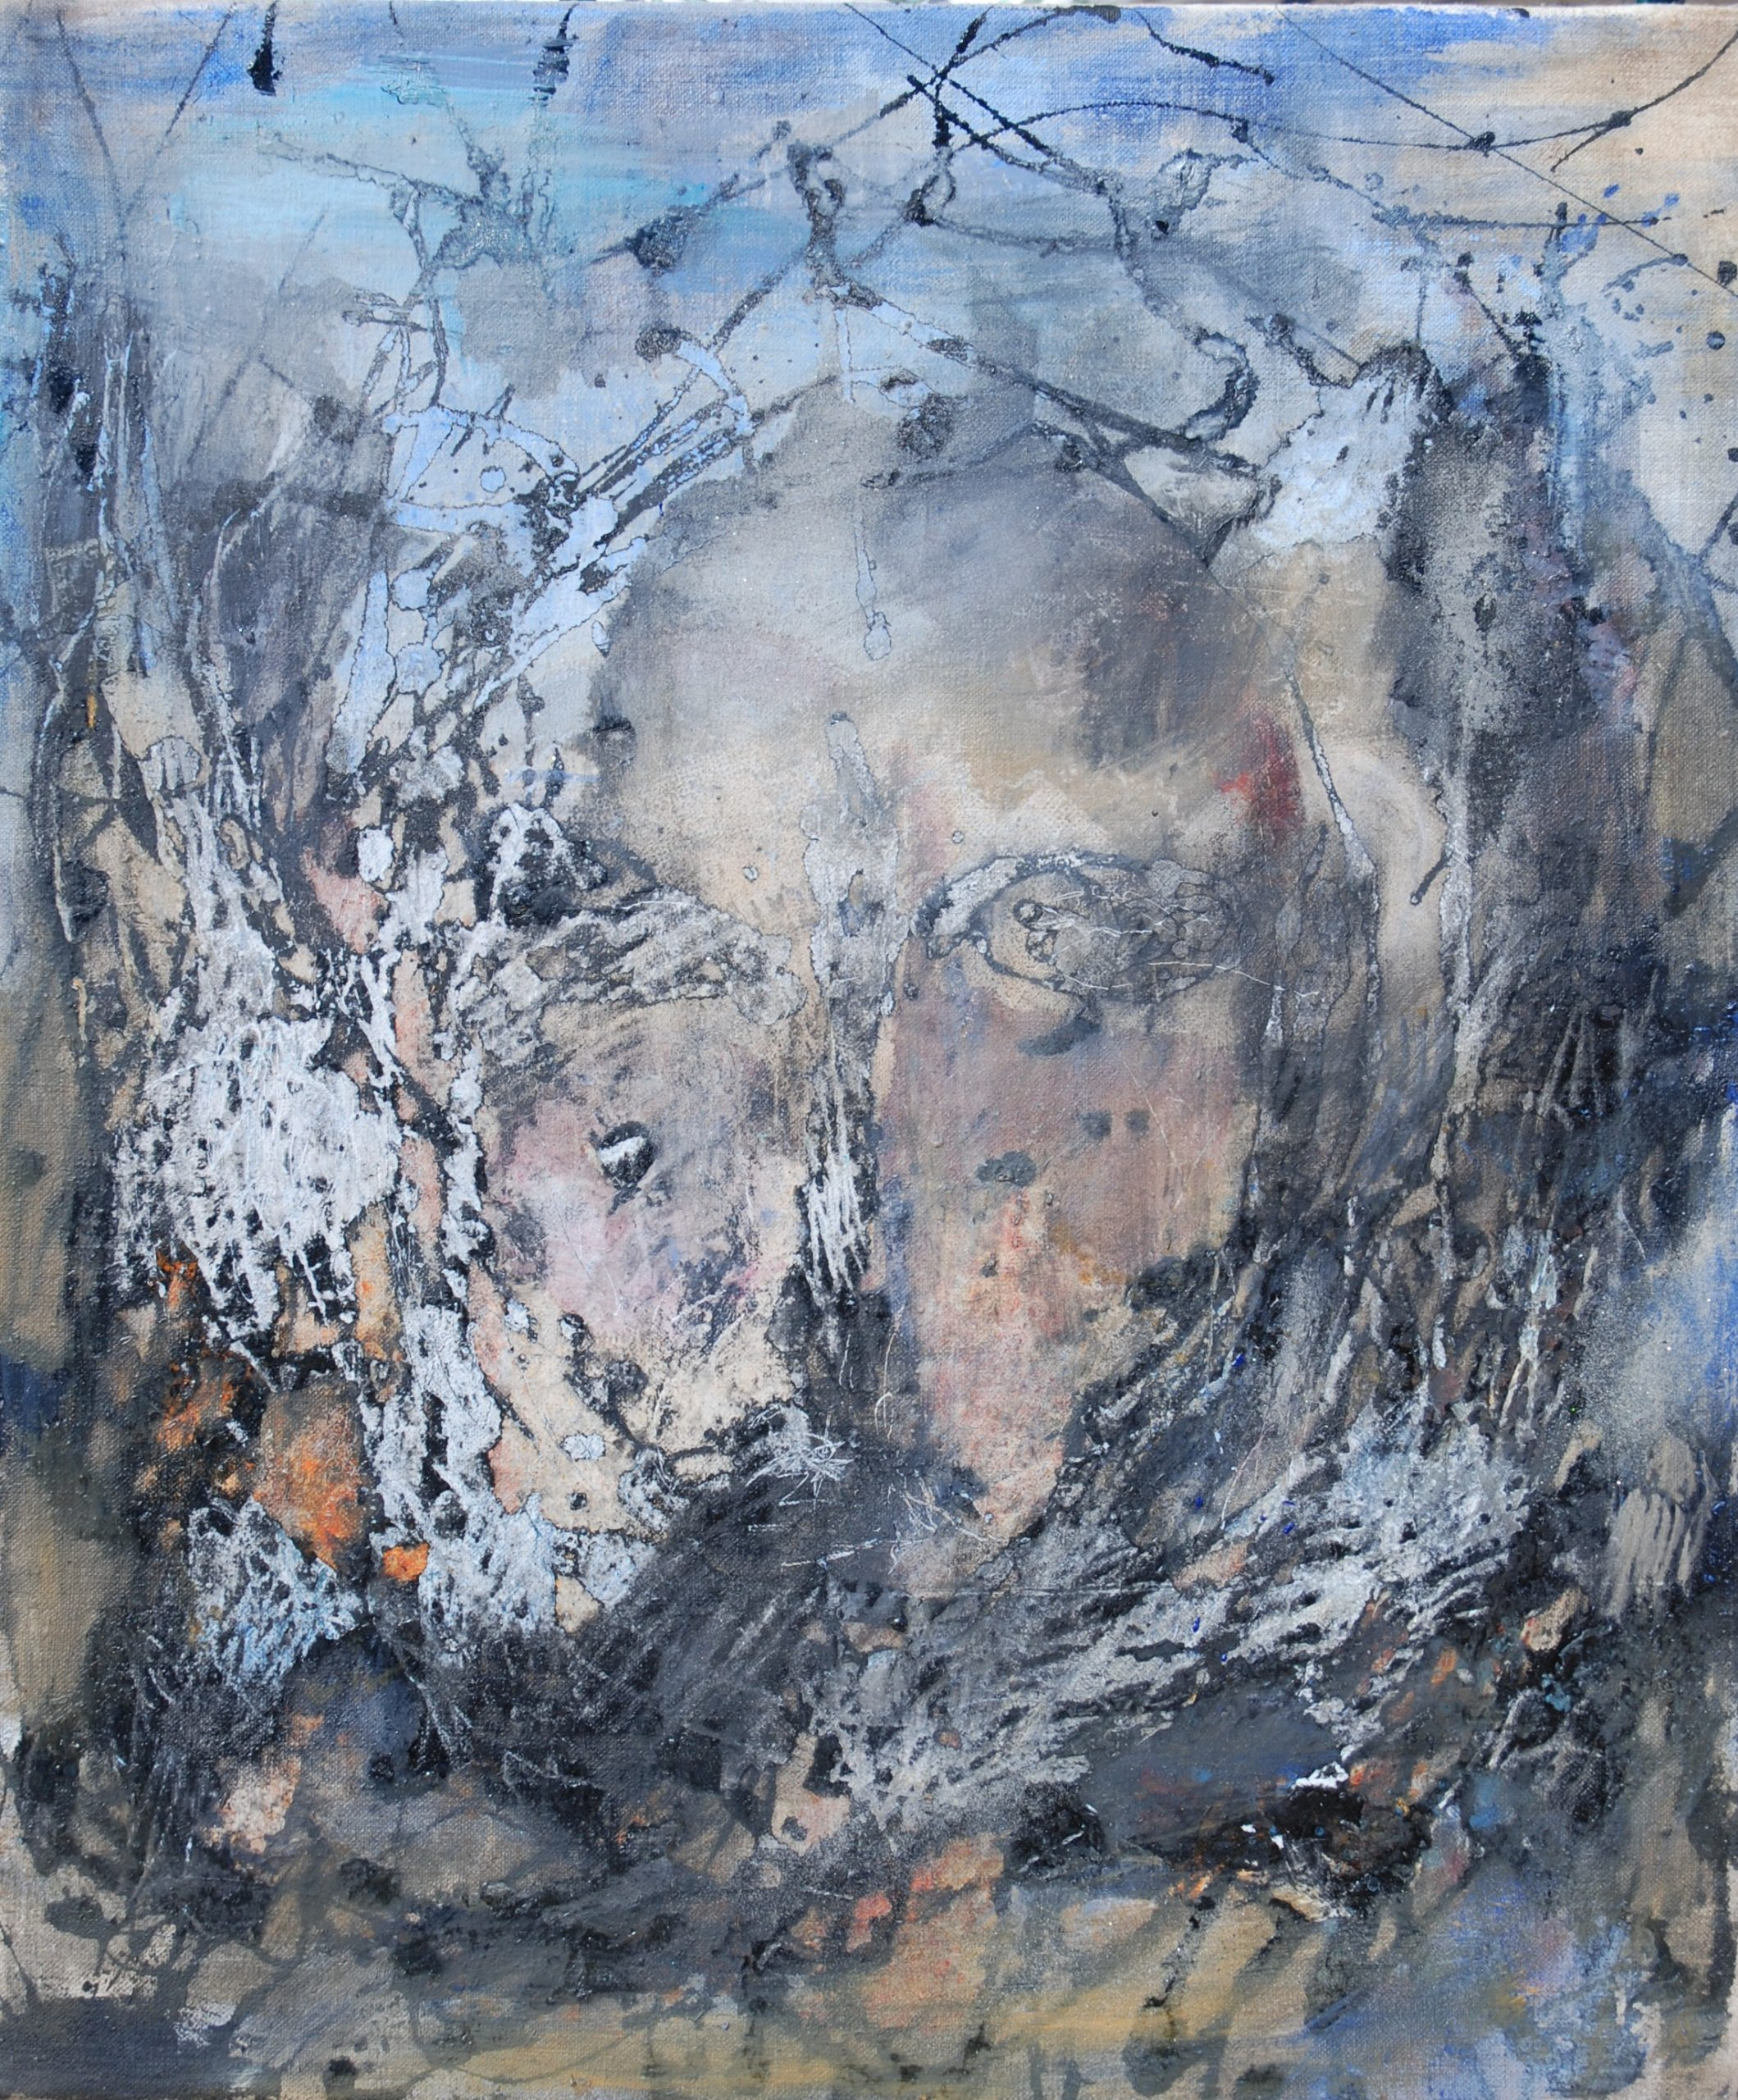 métamorphose 6 huile sur toile 65x55 cm